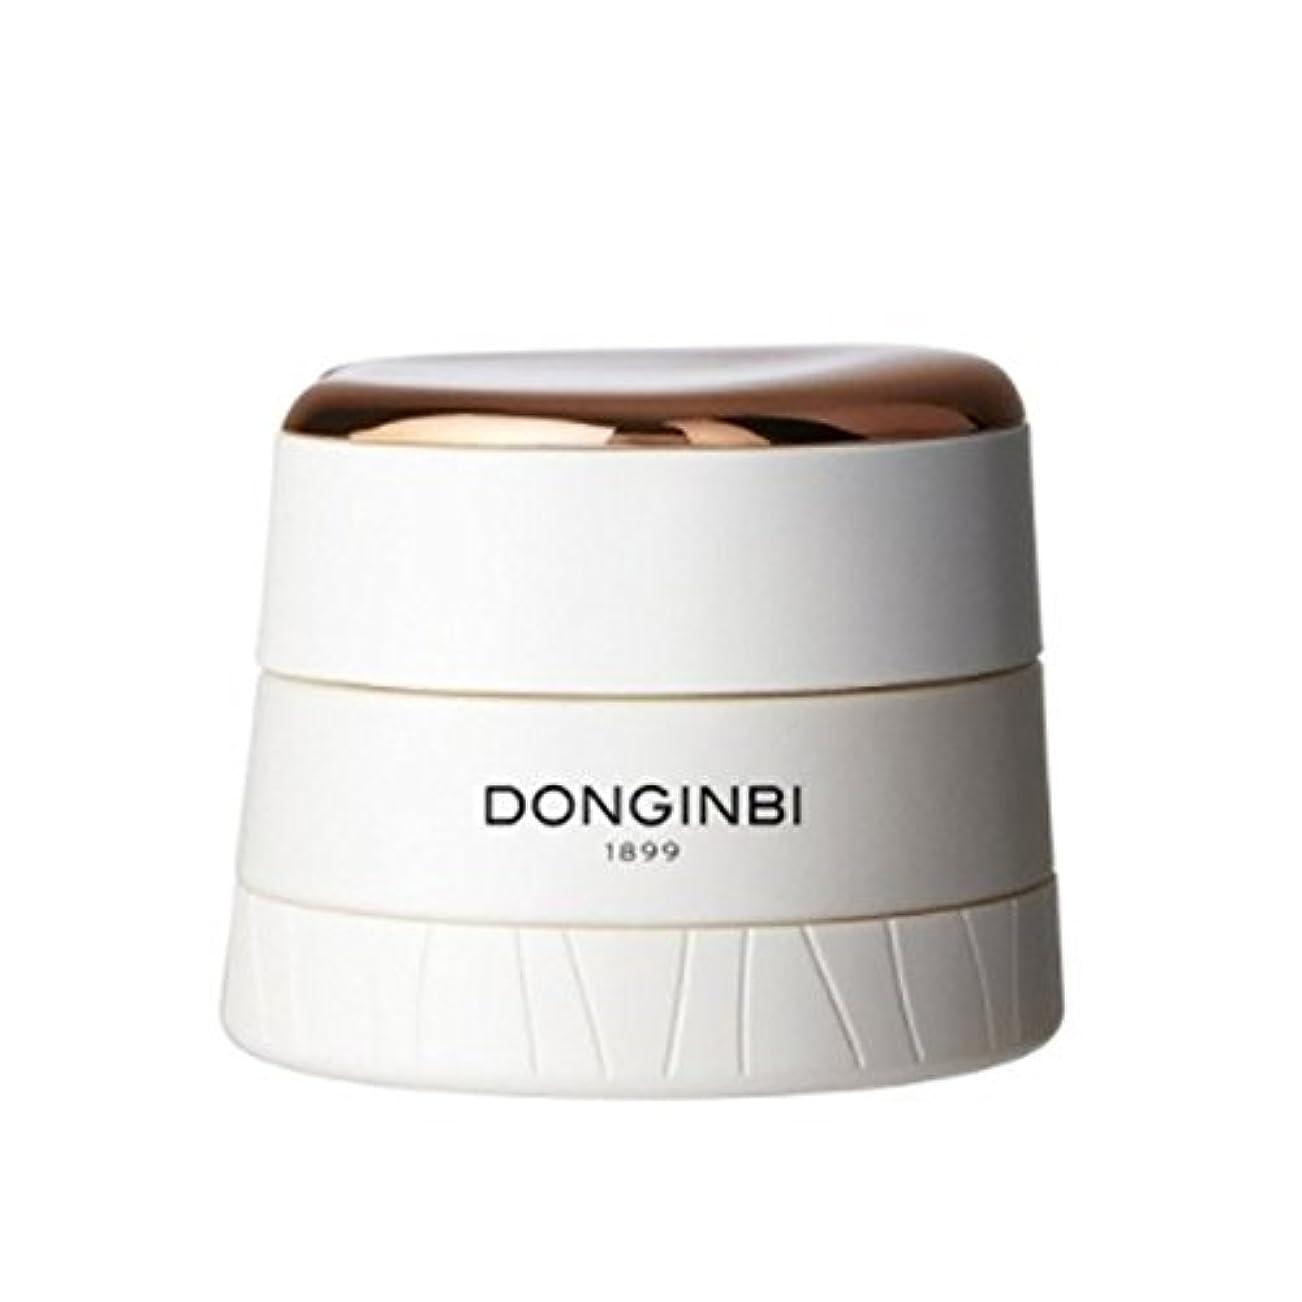 慣習航空便罪人[ドンインビ]DONGINBI ドンインビユン クリーム60ml 海外直送品 cream 60ml [並行輸入品]